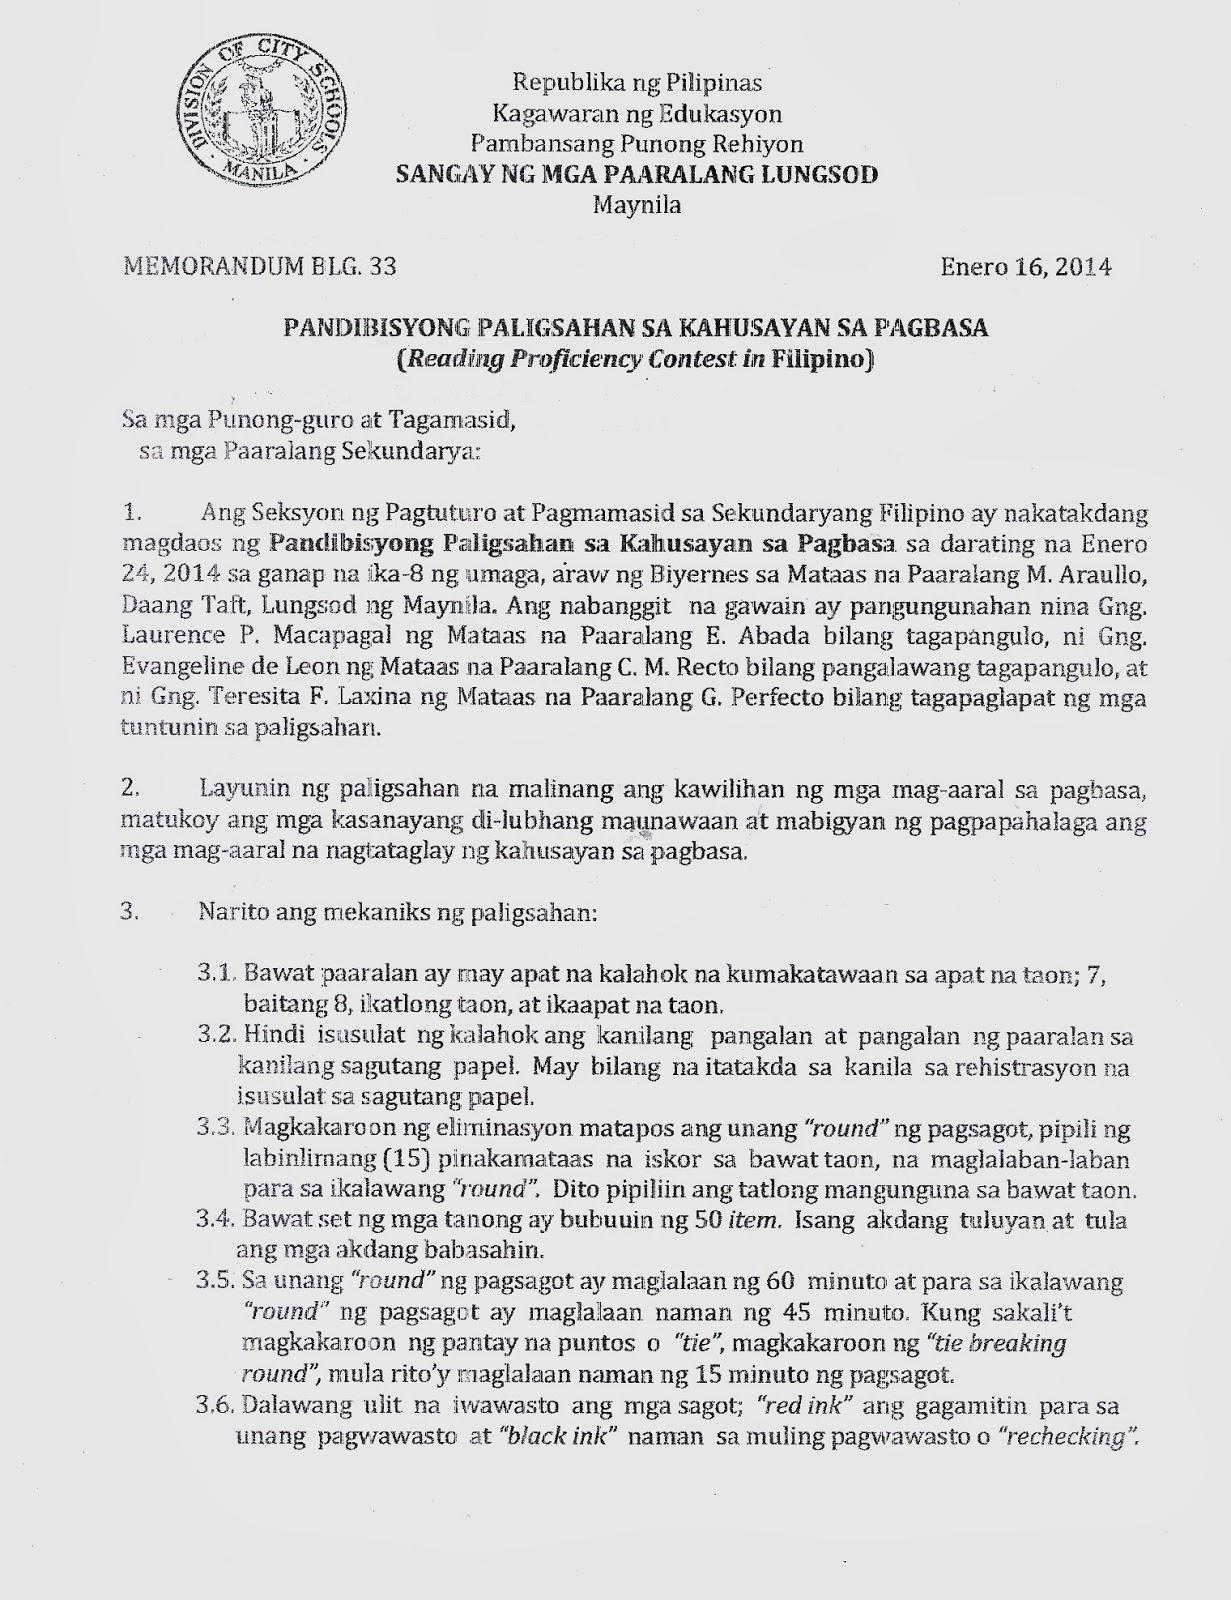 Department Of Education Manila Division Memorandum No 33